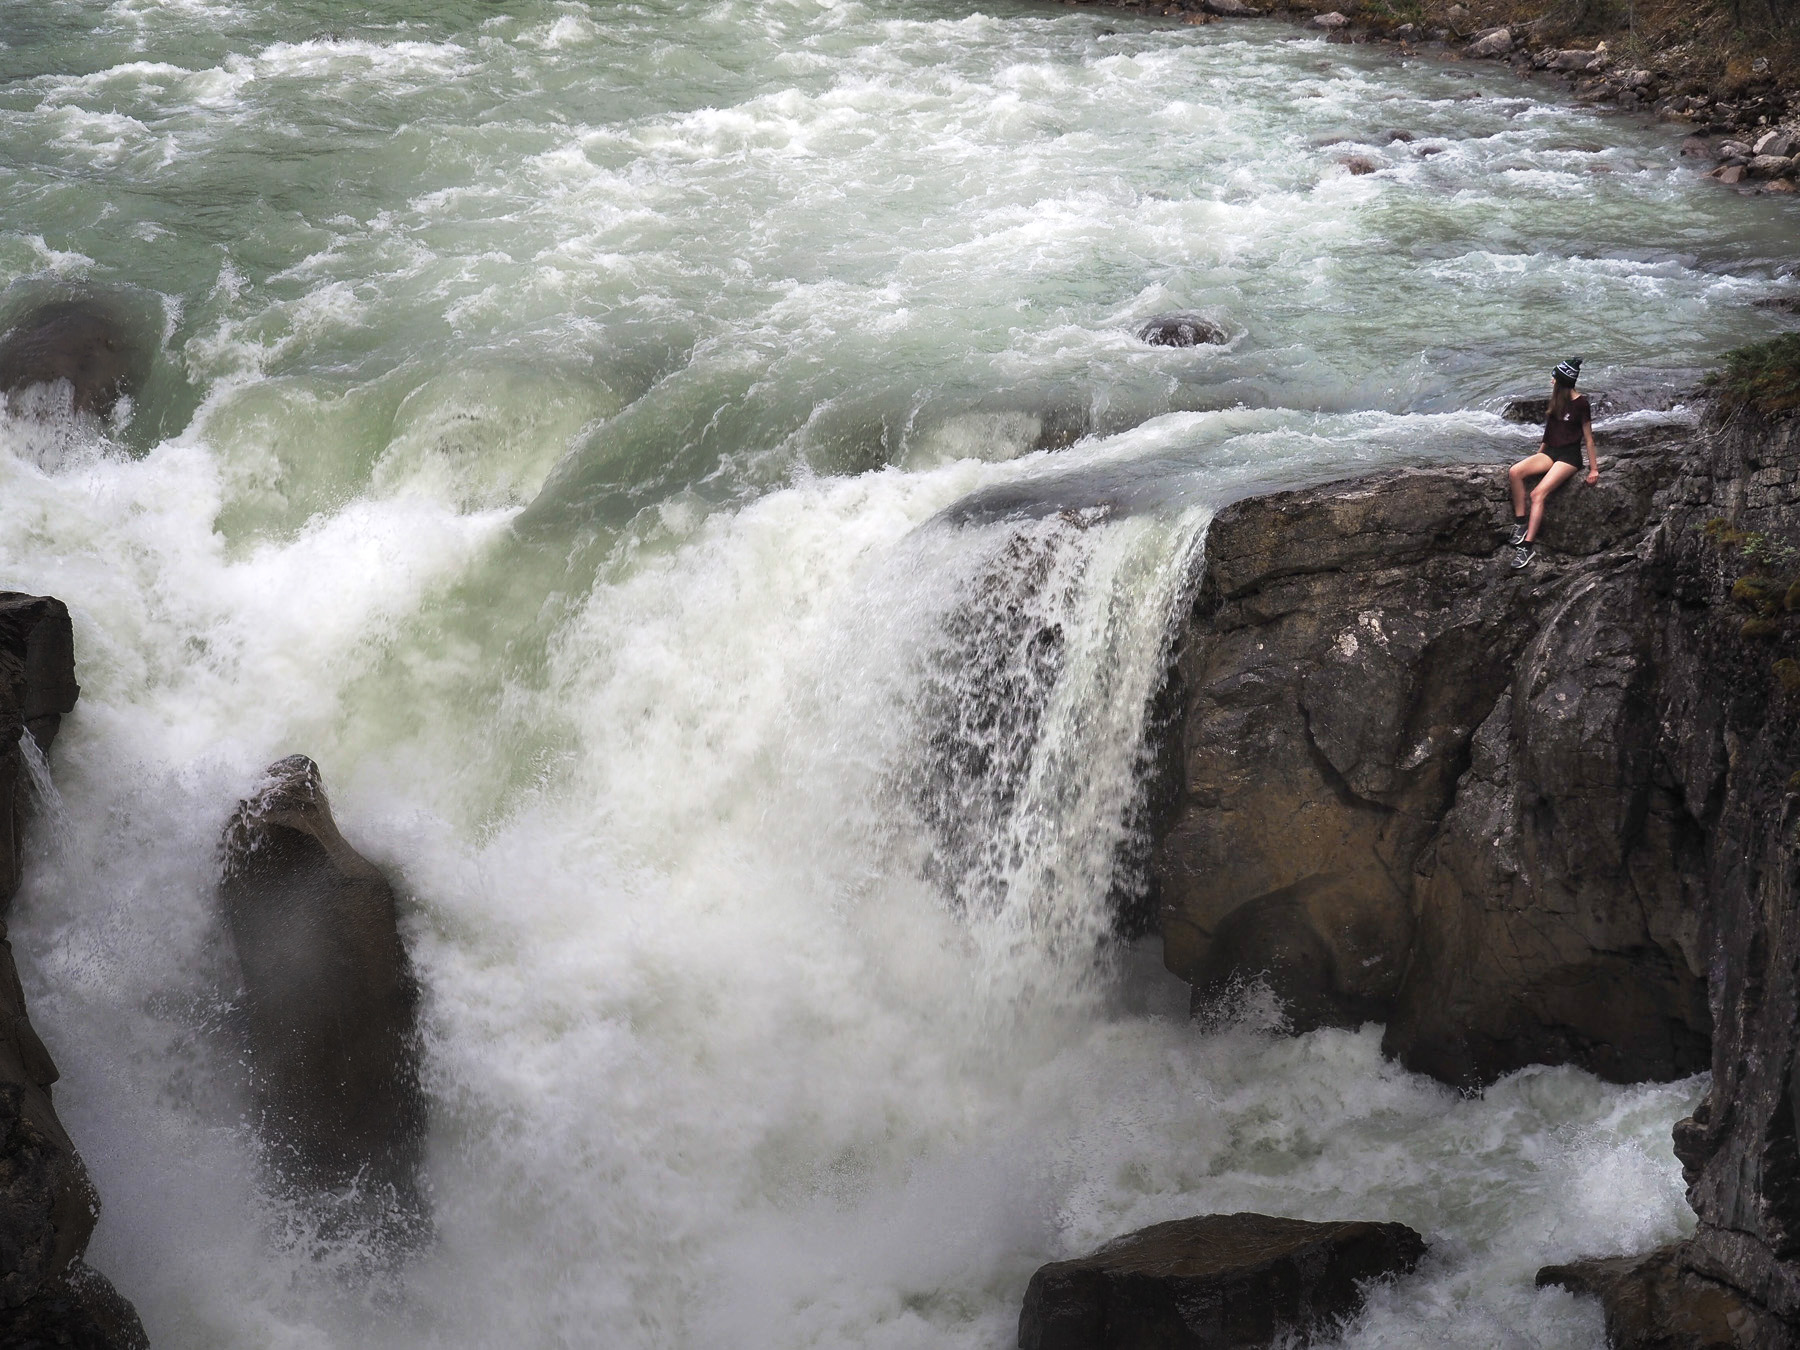 Athabaska Falls mit Fotomodel